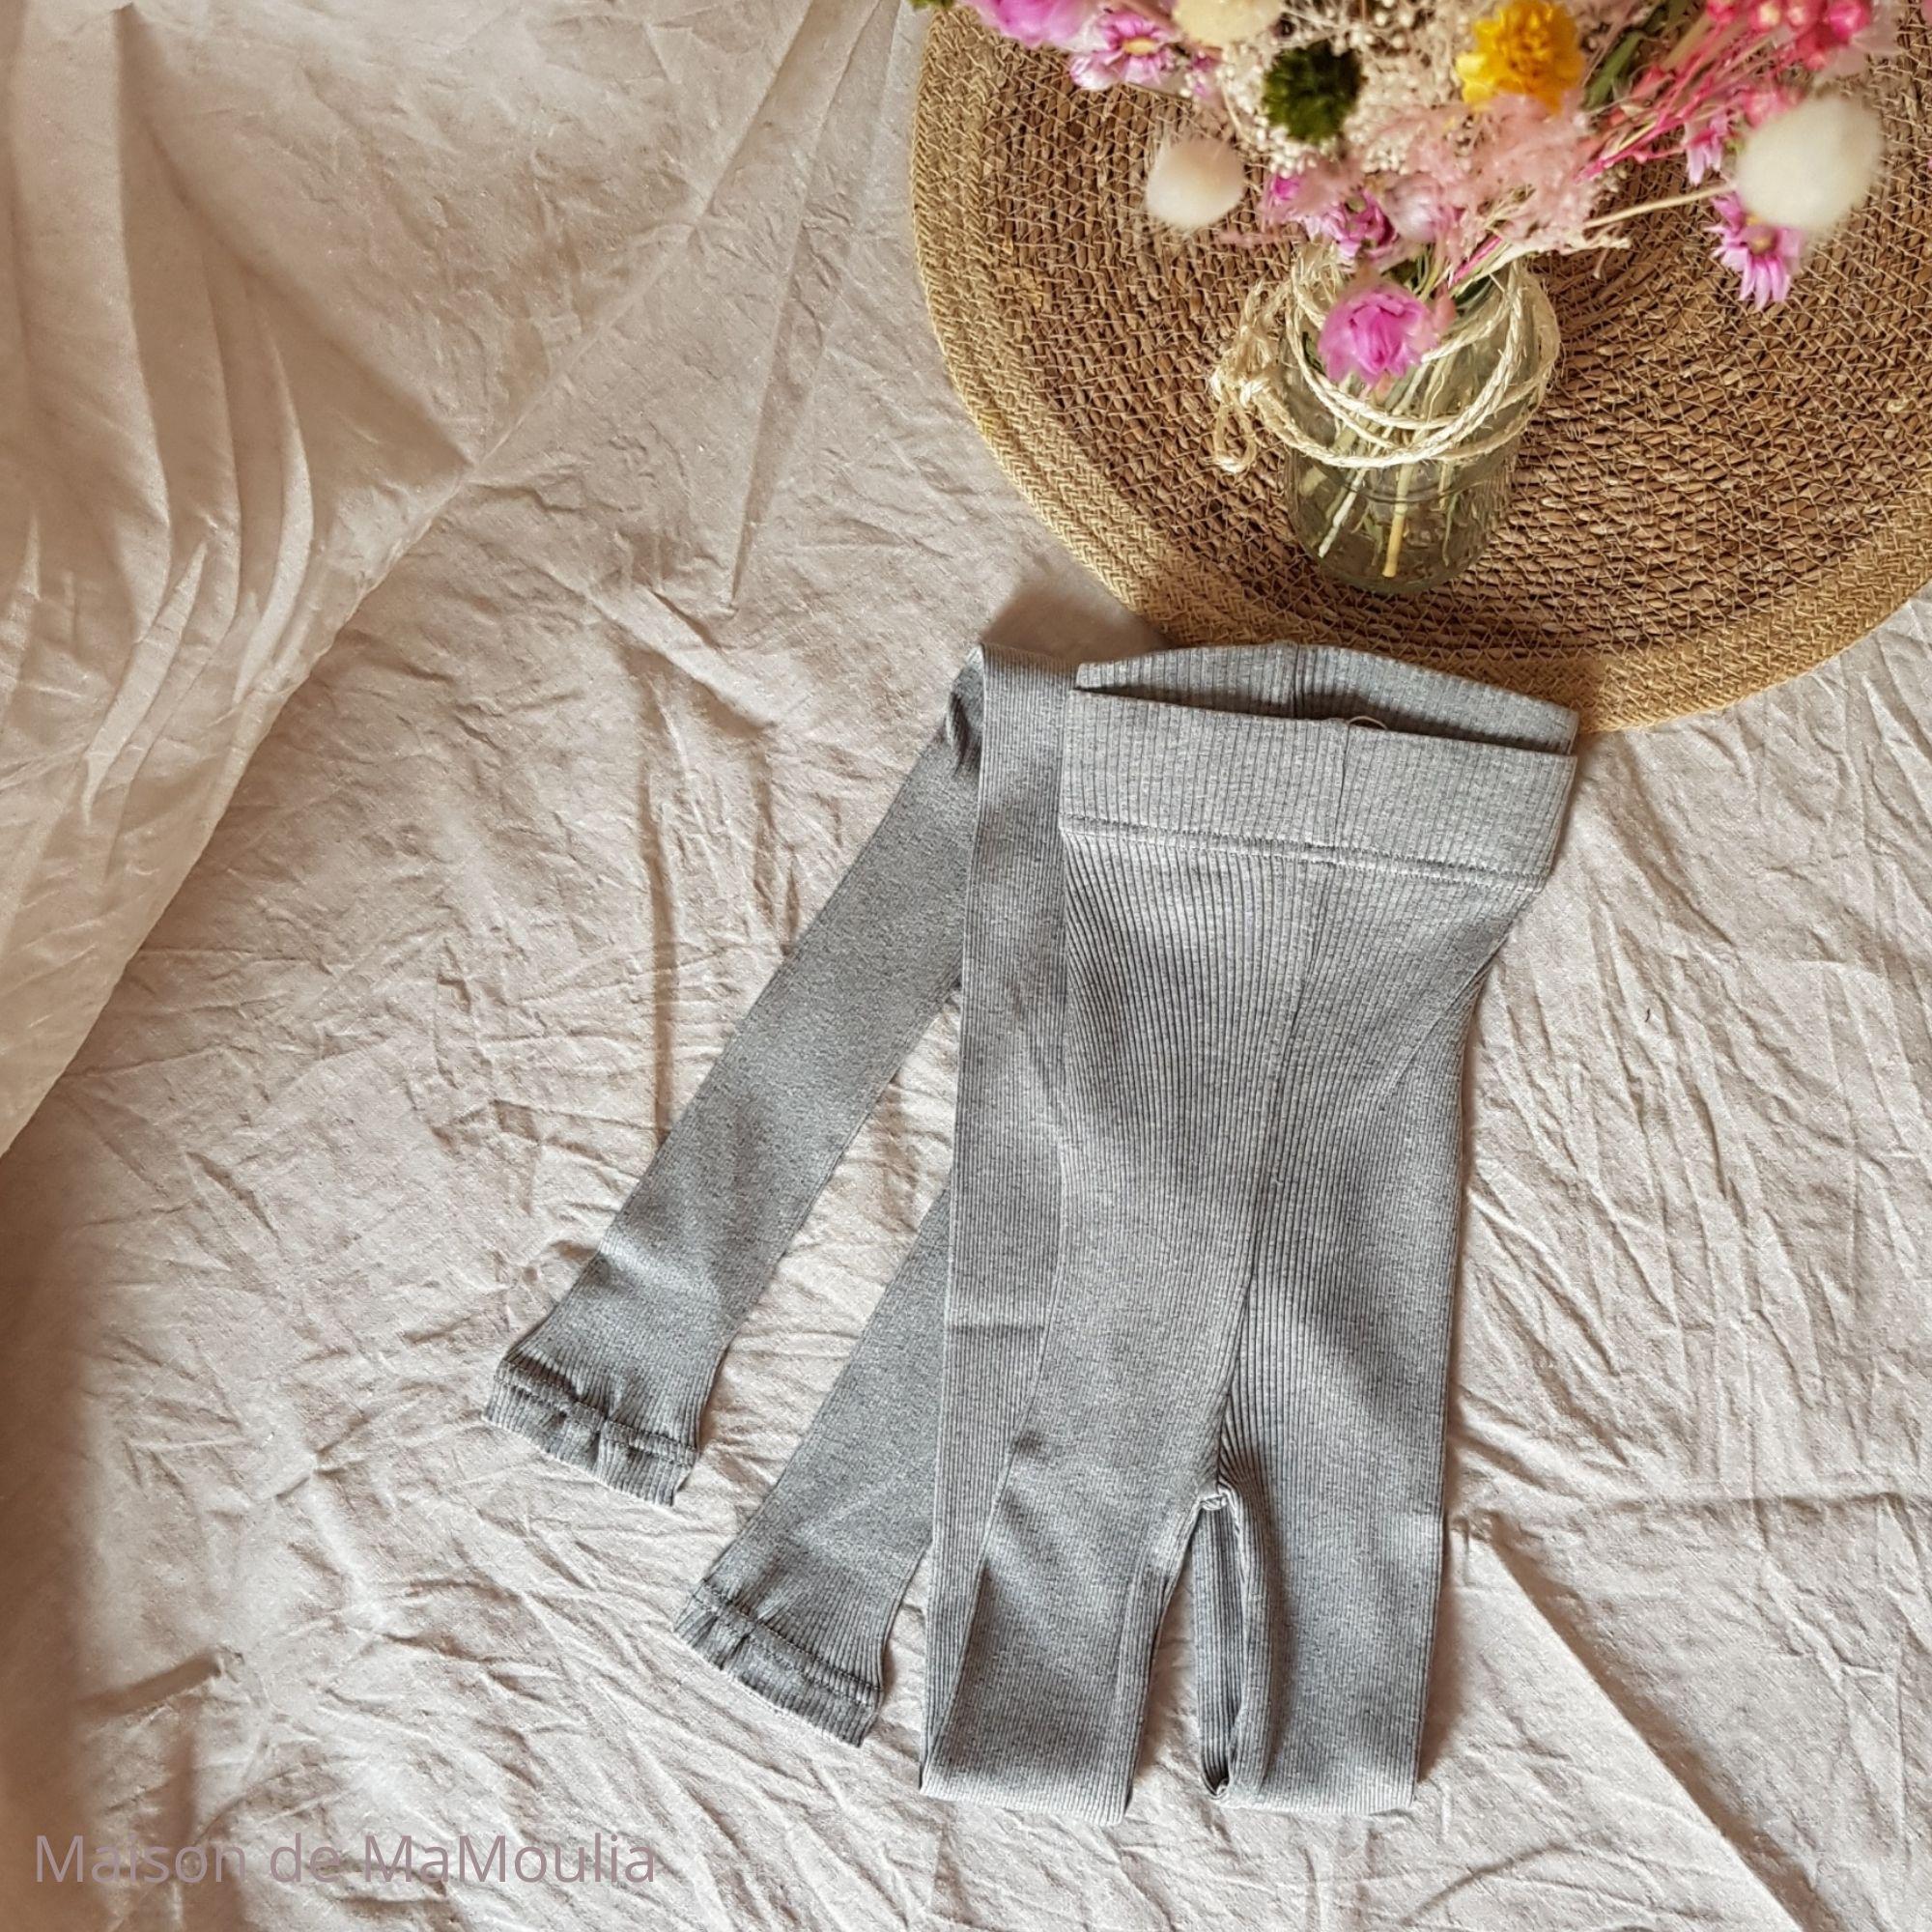 MINIMALISMA - Legging pour femme - Soie 70% / coton 30% - Great - Gris mélangé